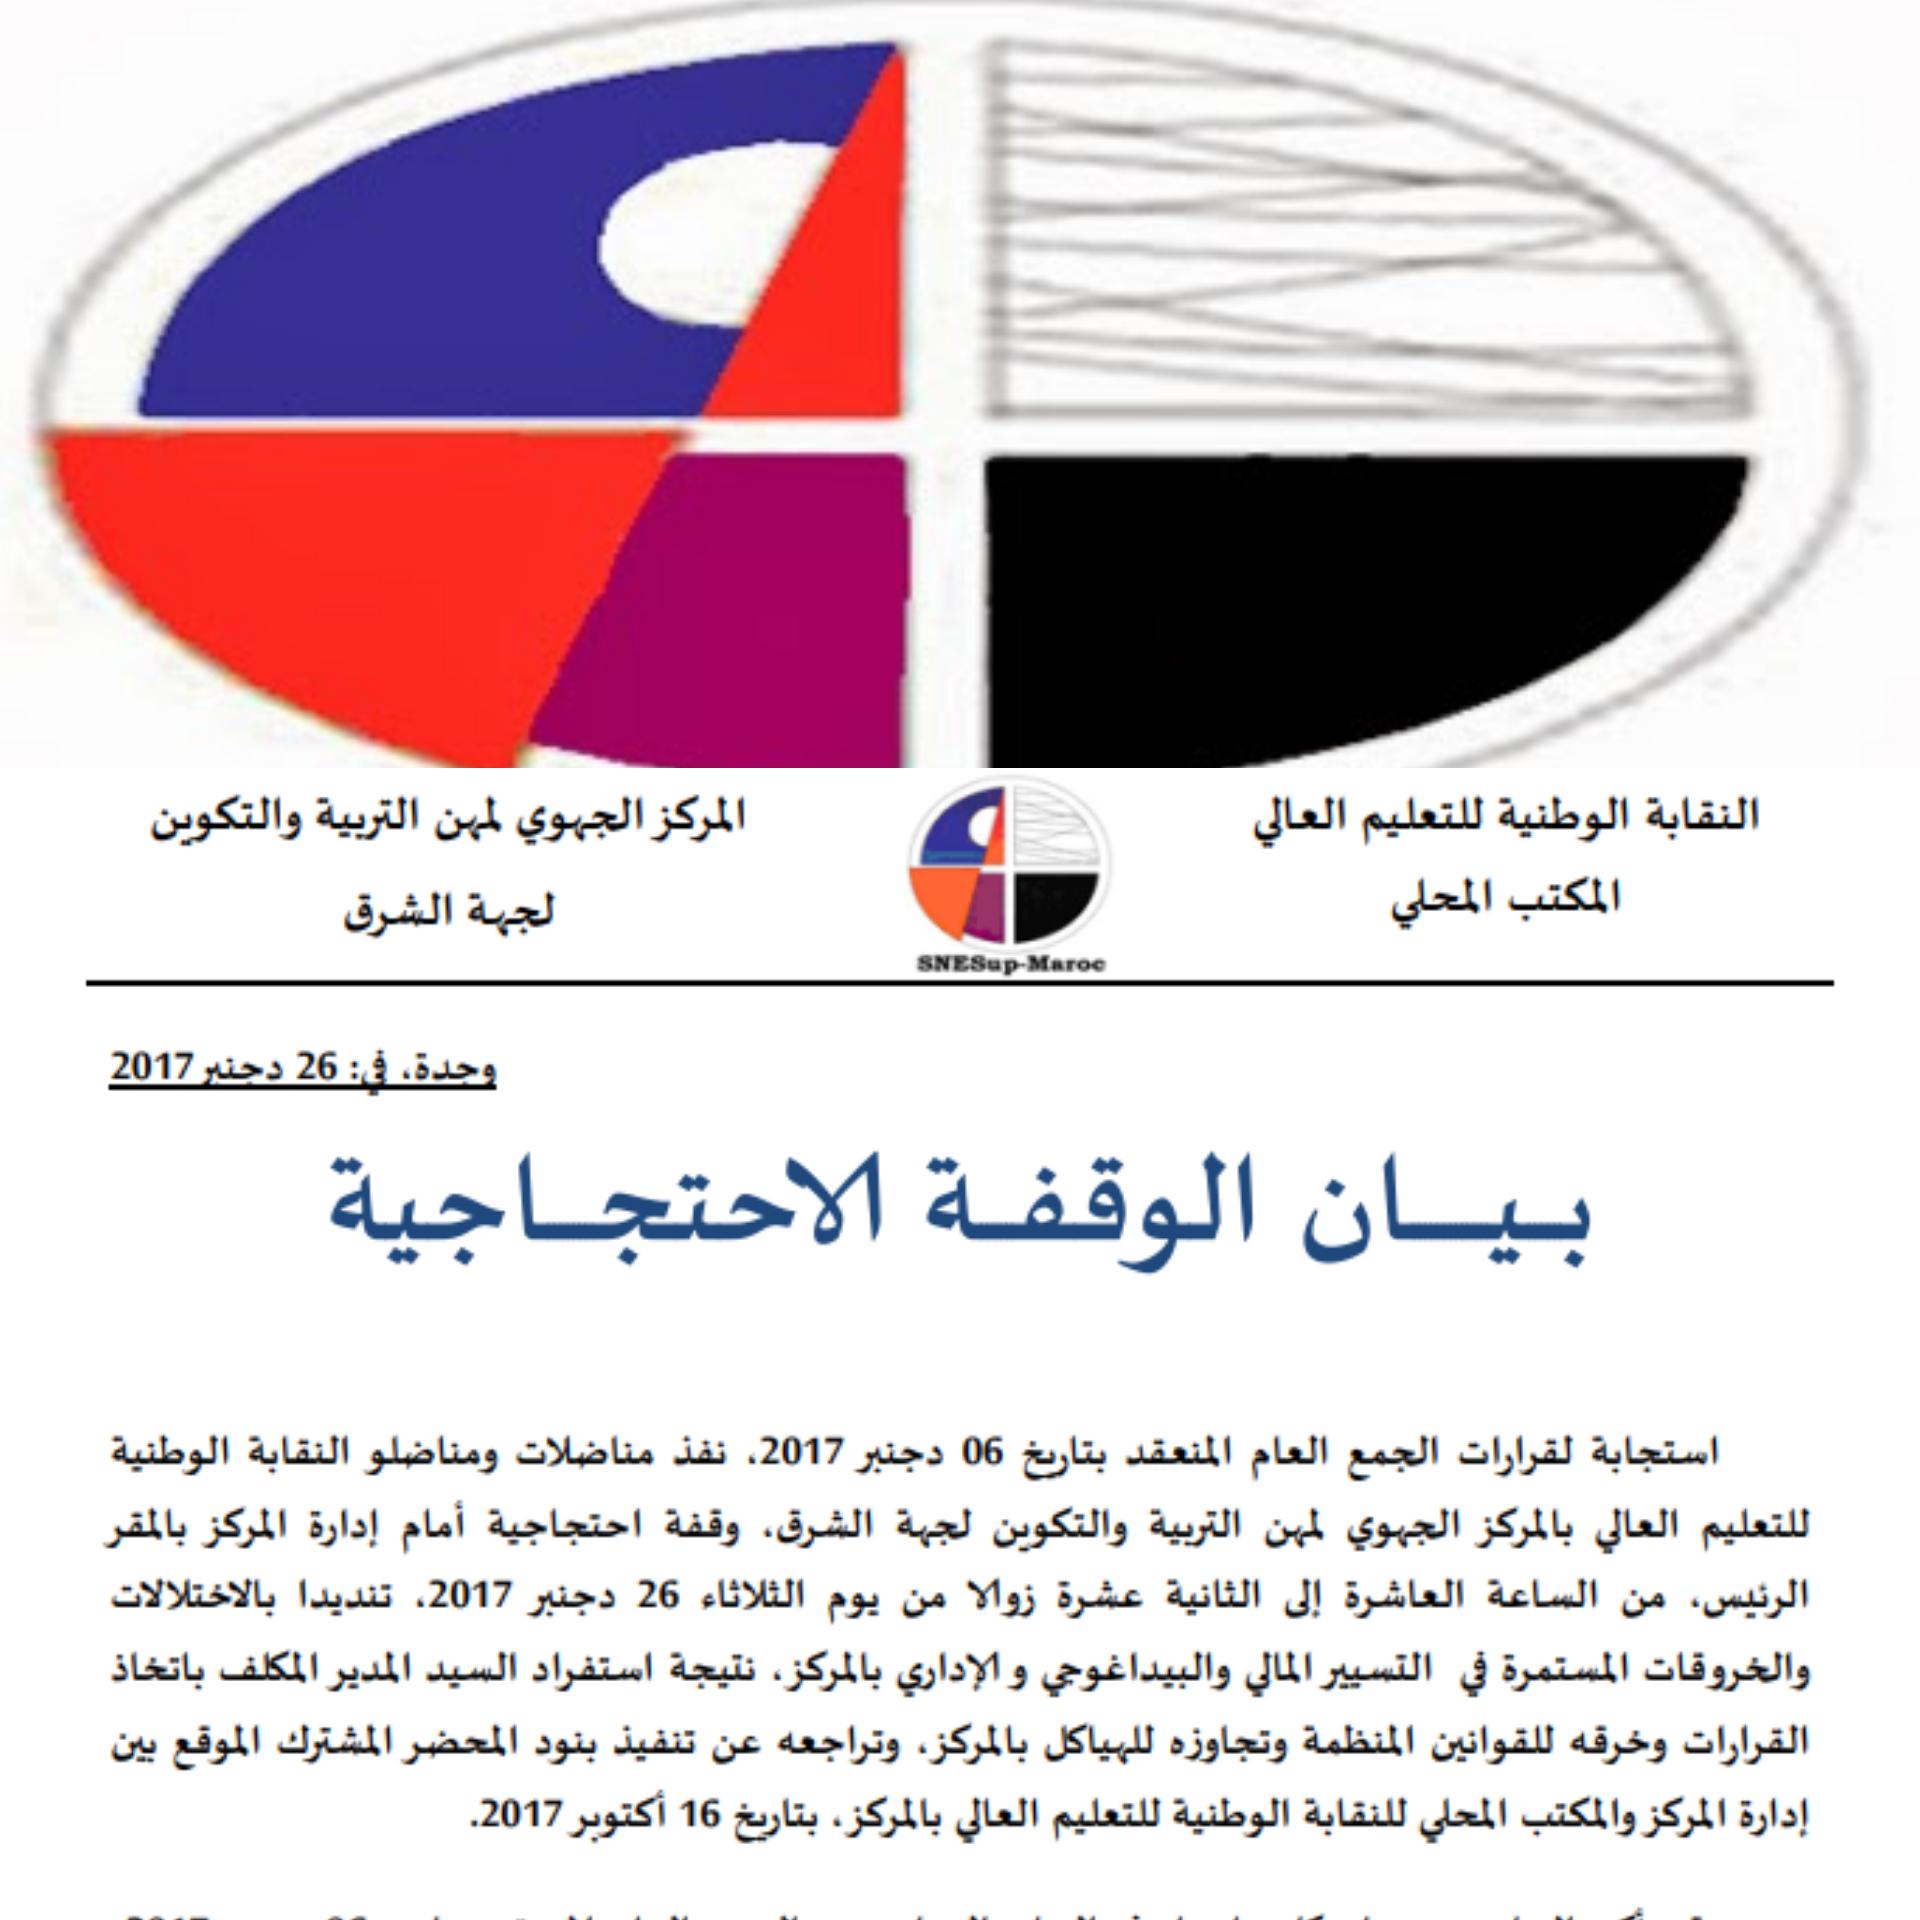 بيان: النقابة الوطنية للتعليم العالي بالمركز الجهوي لمهن التربية والتكوين بالجهة الشرقية